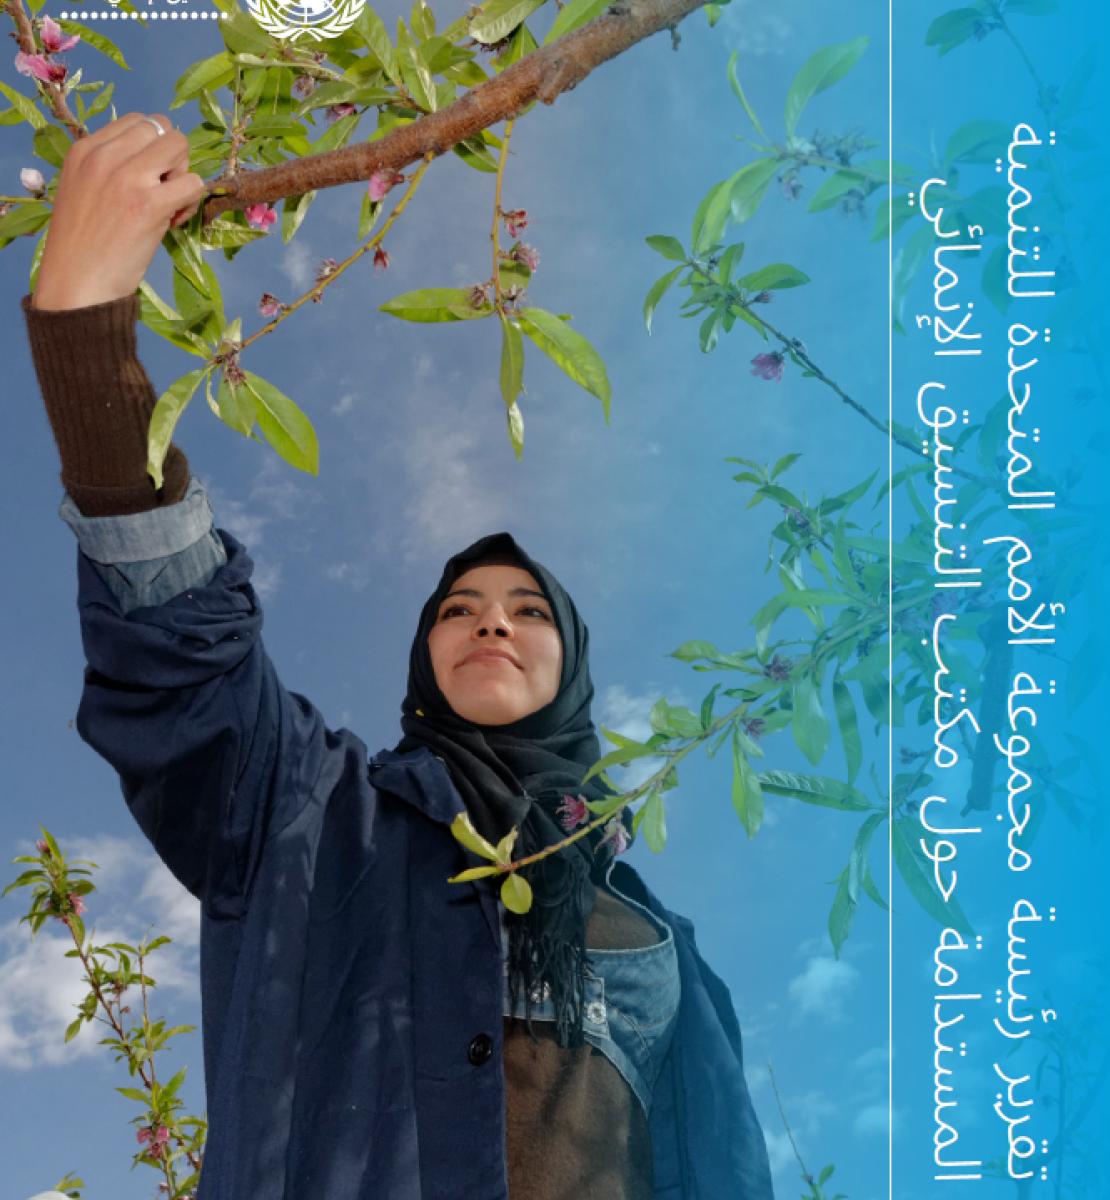 غلاف تقرير رئيسة مجموعة الأمم المتحدة للتنمية المستدامة حول مكتب التنسيق الإنمائي